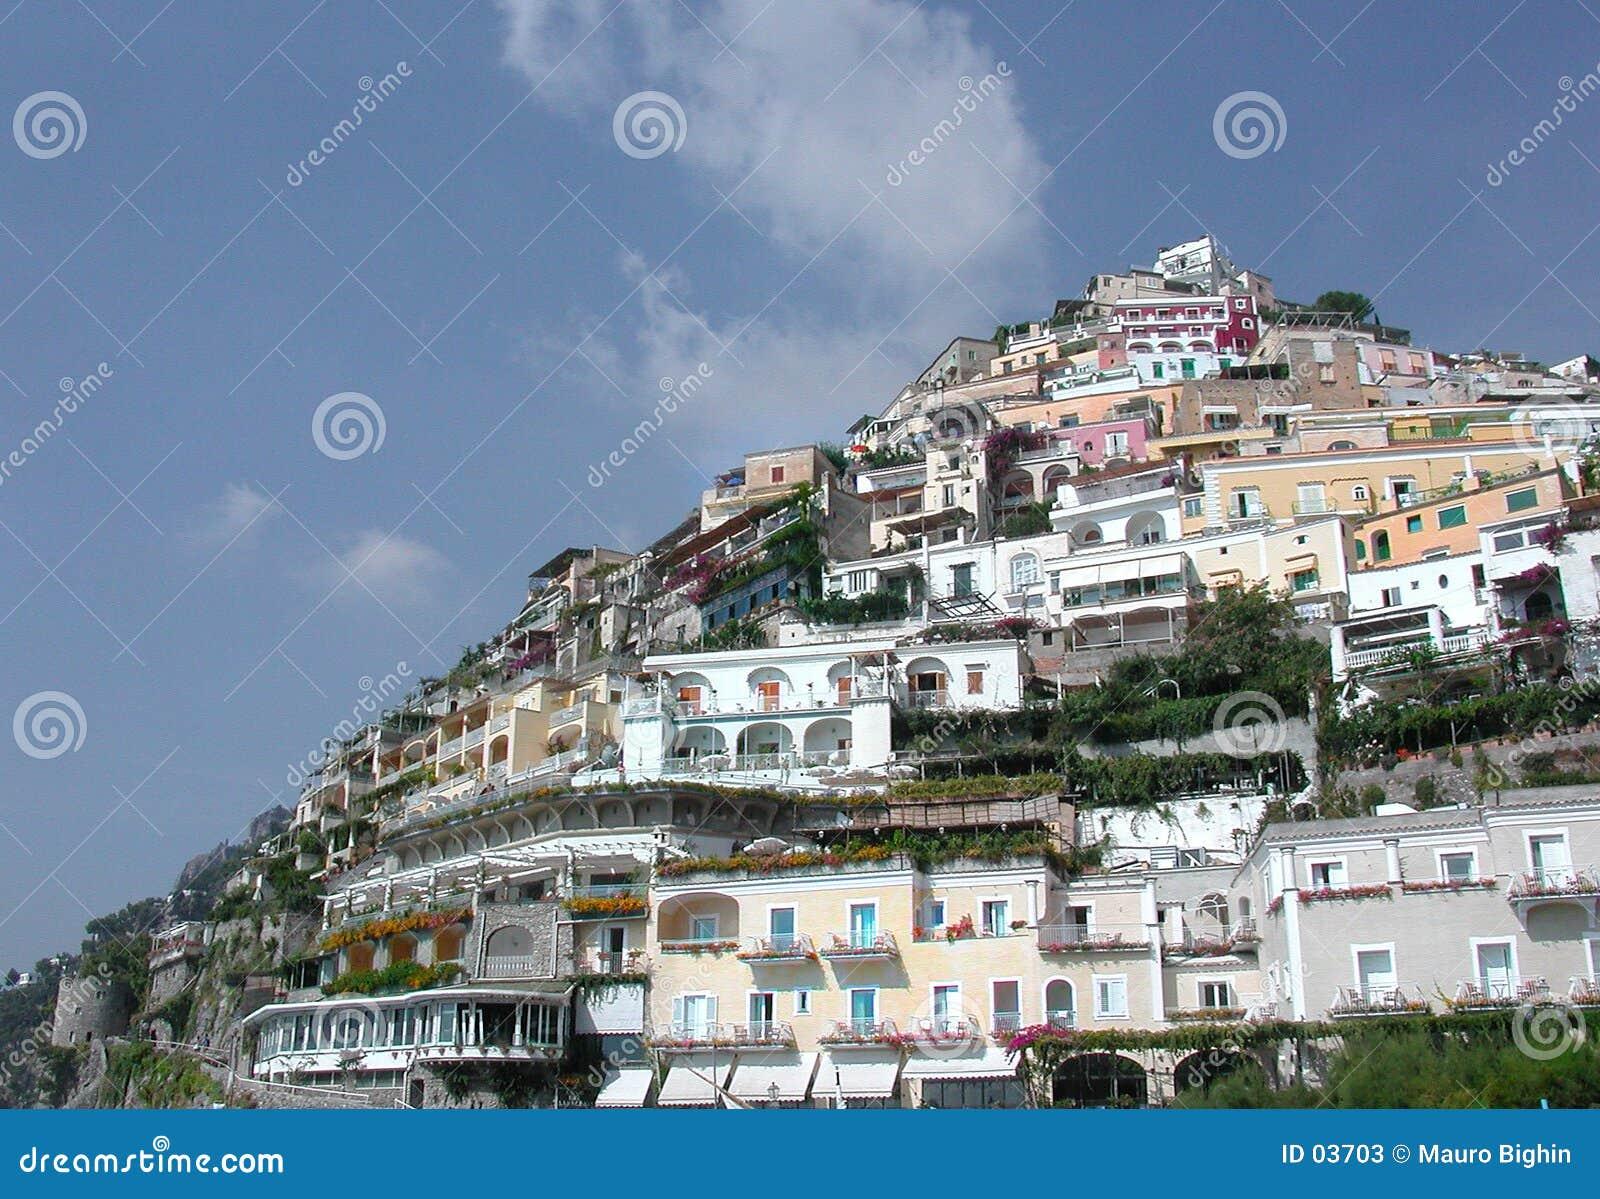 Positano Италии naples